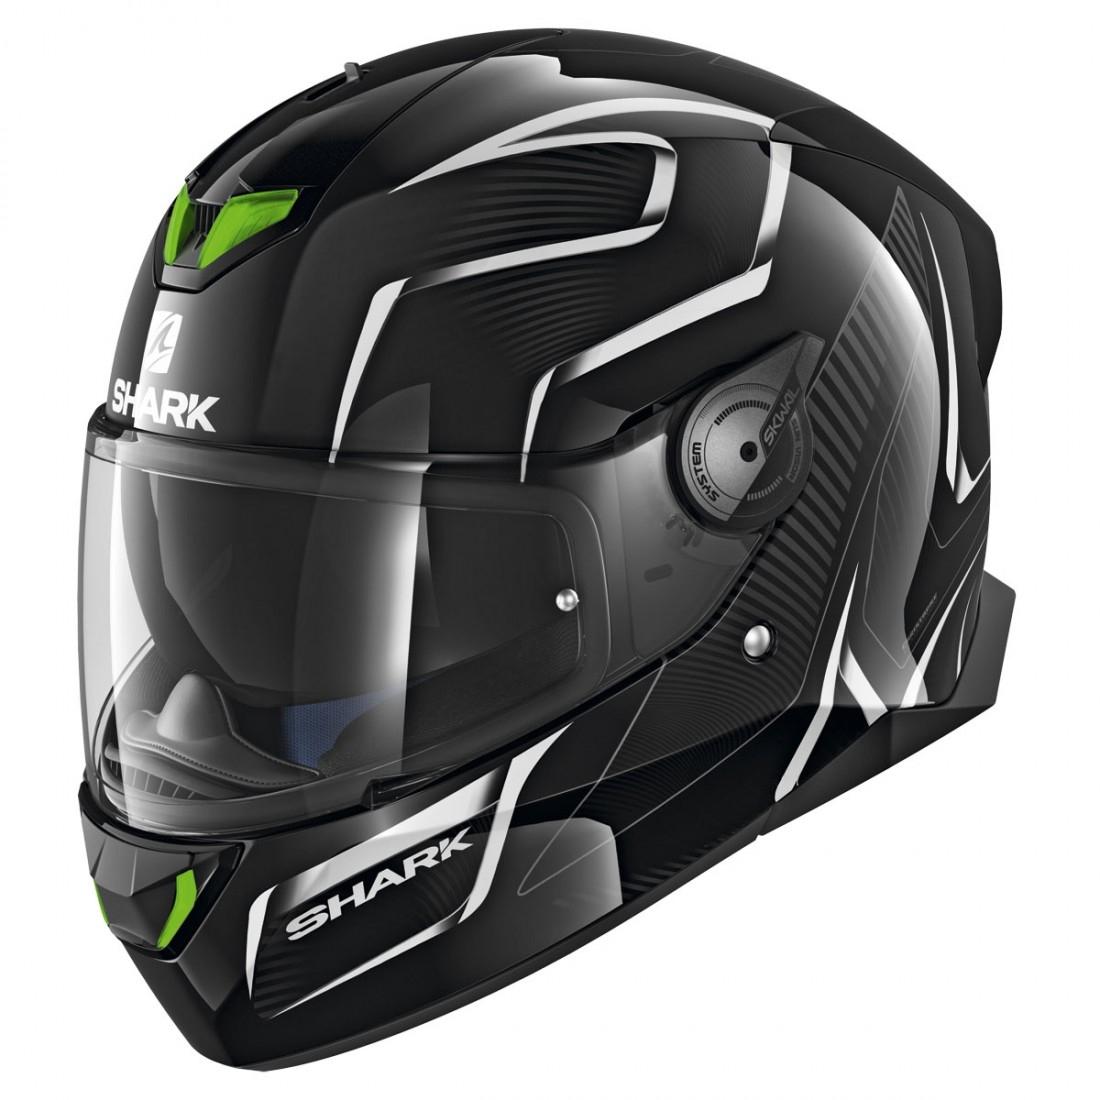 Shark Skwal 2 Flynn Black White Anthracite Helmet Motocard